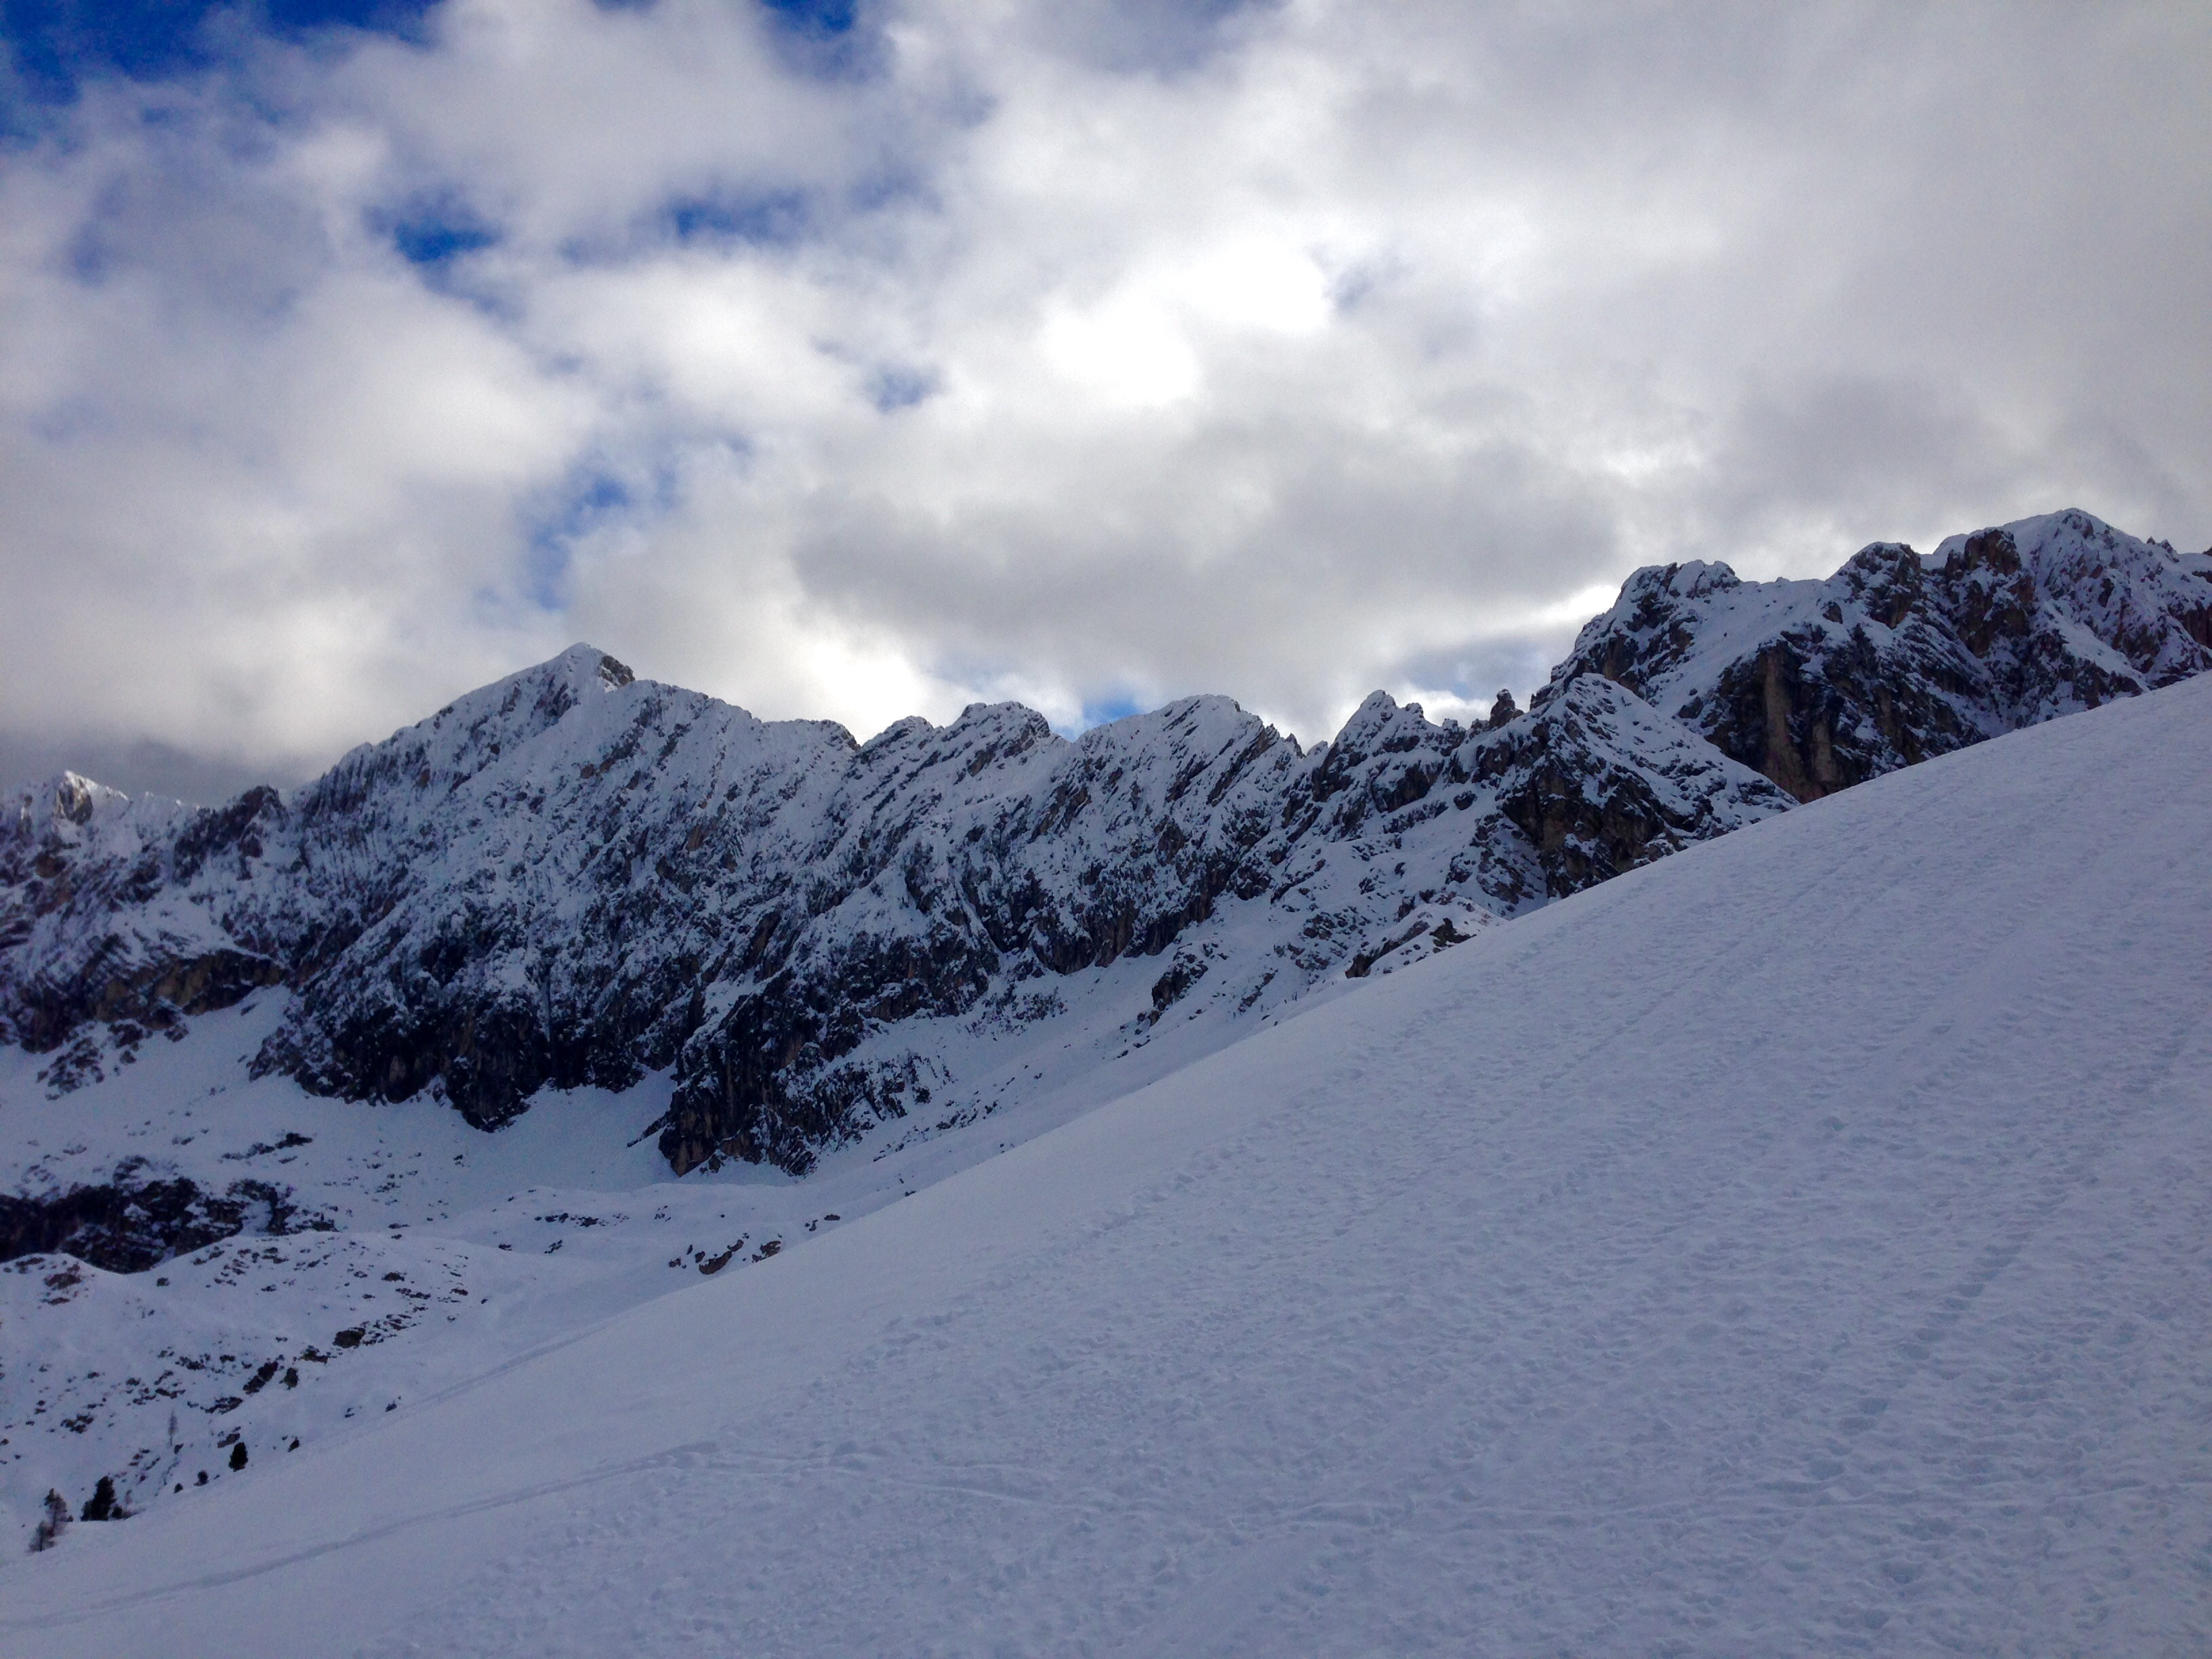 Boarderline_cortina_d_ampezzo_snowboard_scuola_snowboard_noleggio_apertura_faloria_cortinacube4